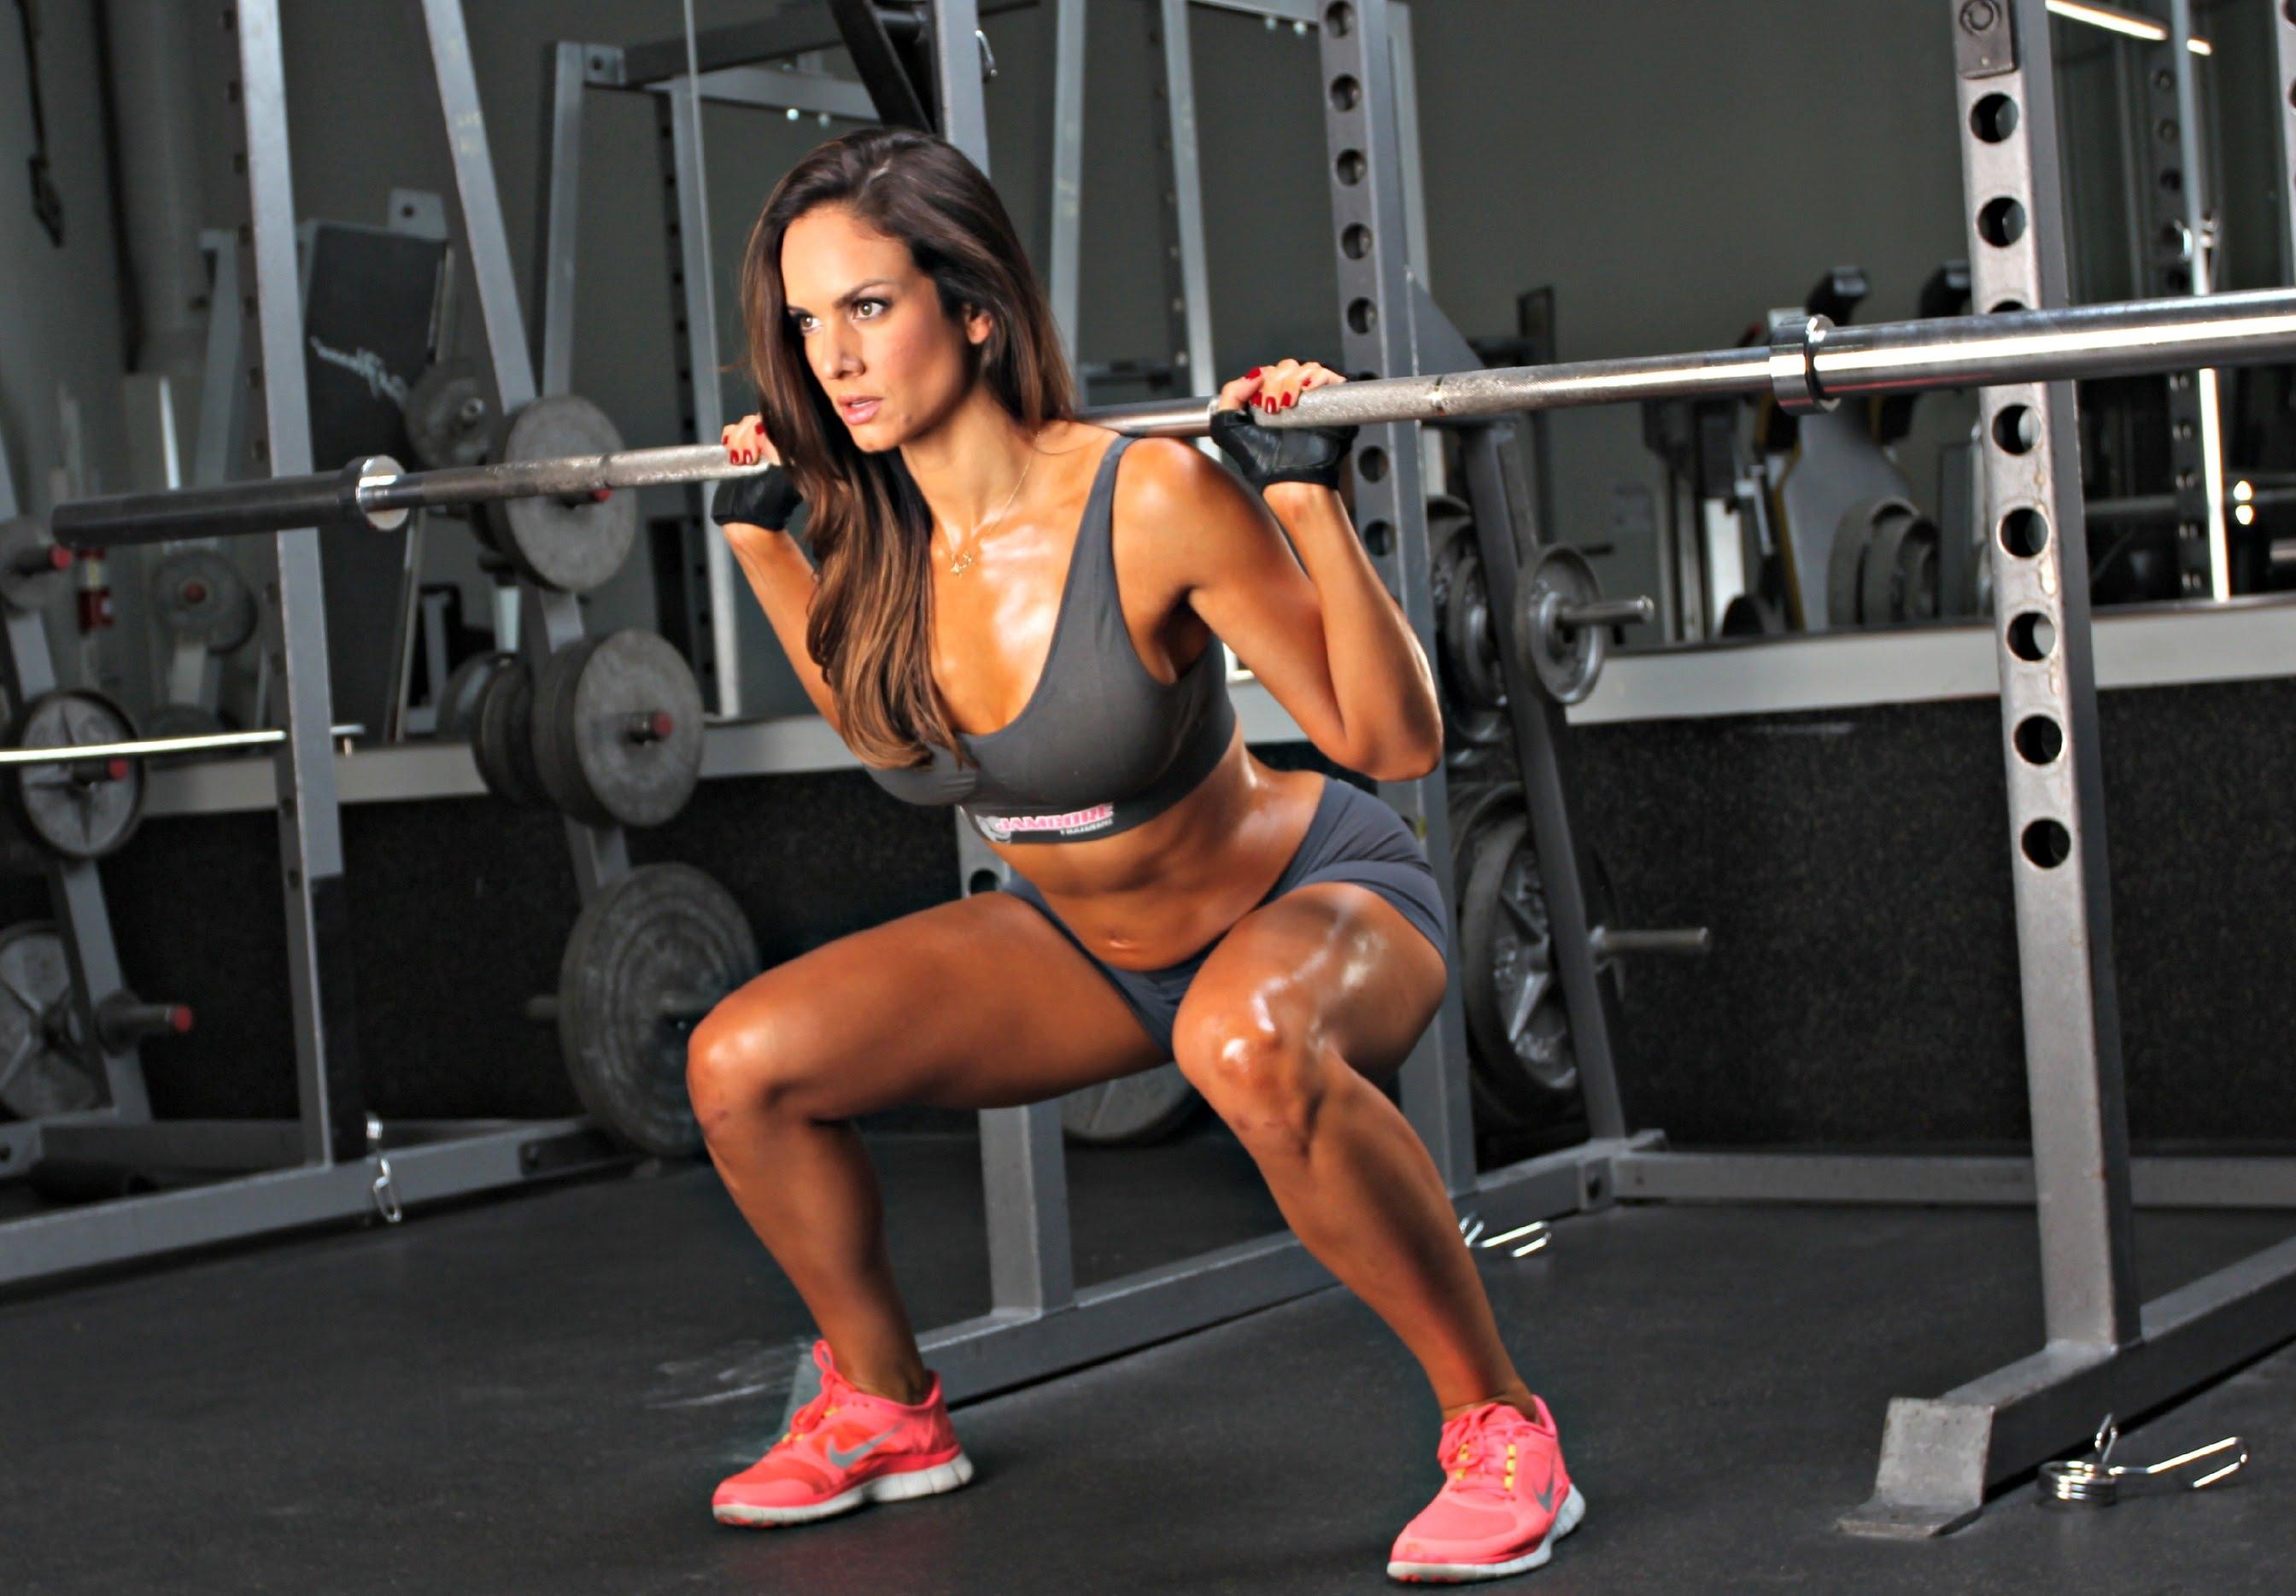 Bạn có gặp phải tình trạng tập squat bị đau lưng không?